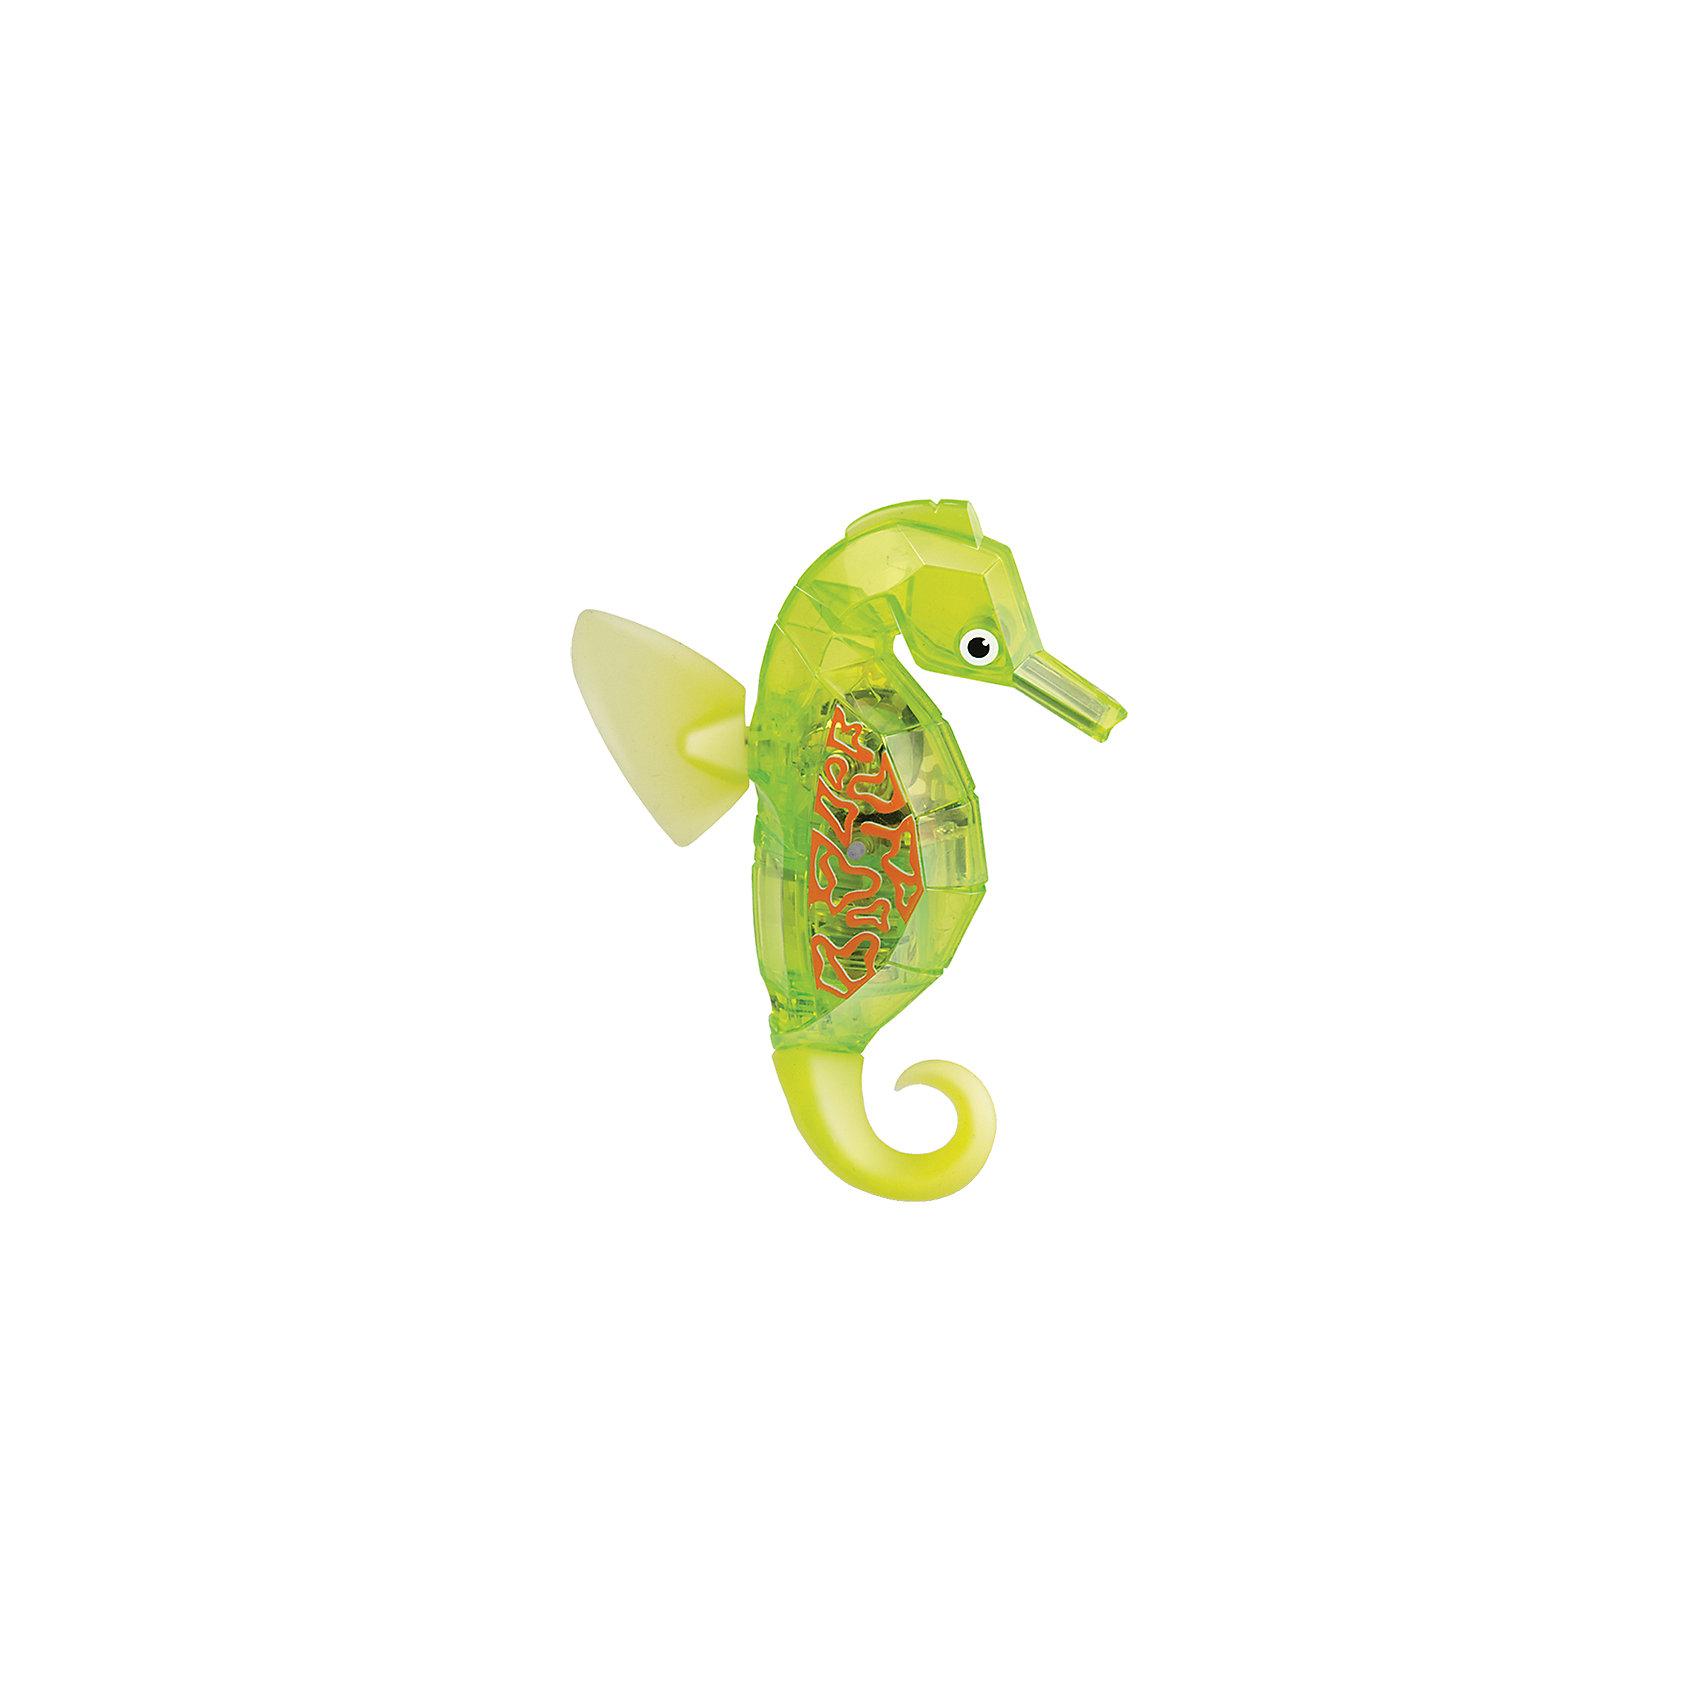 Микро-робот Aqua Bot Морской конек, желтый, HexbugПрочие интерактивные игрушки<br><br><br>Ширина мм: 160<br>Глубина мм: 80<br>Высота мм: 120<br>Вес г: 58<br>Возраст от месяцев: 36<br>Возраст до месяцев: 2147483647<br>Пол: Унисекс<br>Возраст: Детский<br>SKU: 5507188